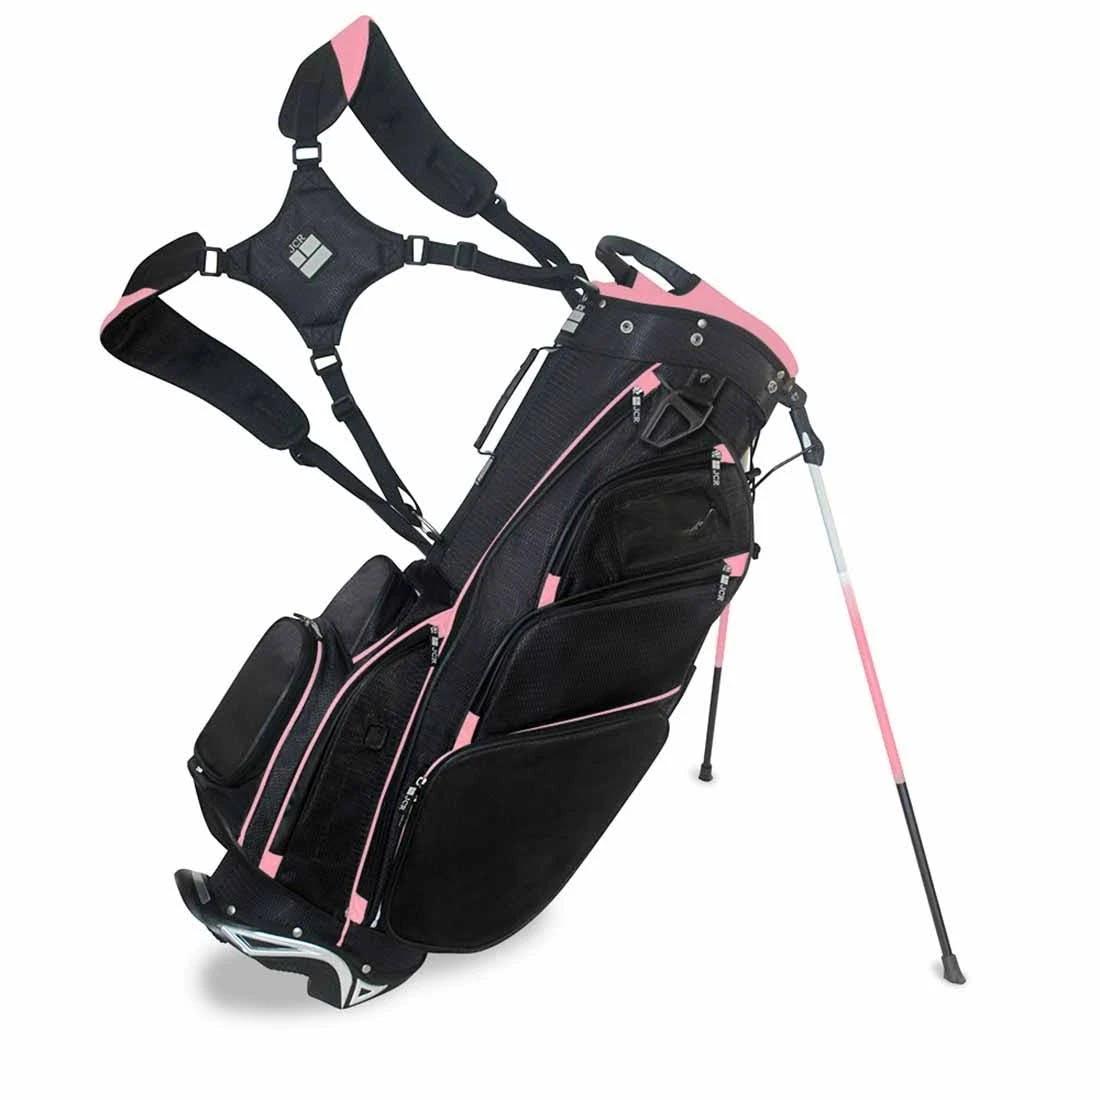 JCR DL550S Stand Bag Black/Pink